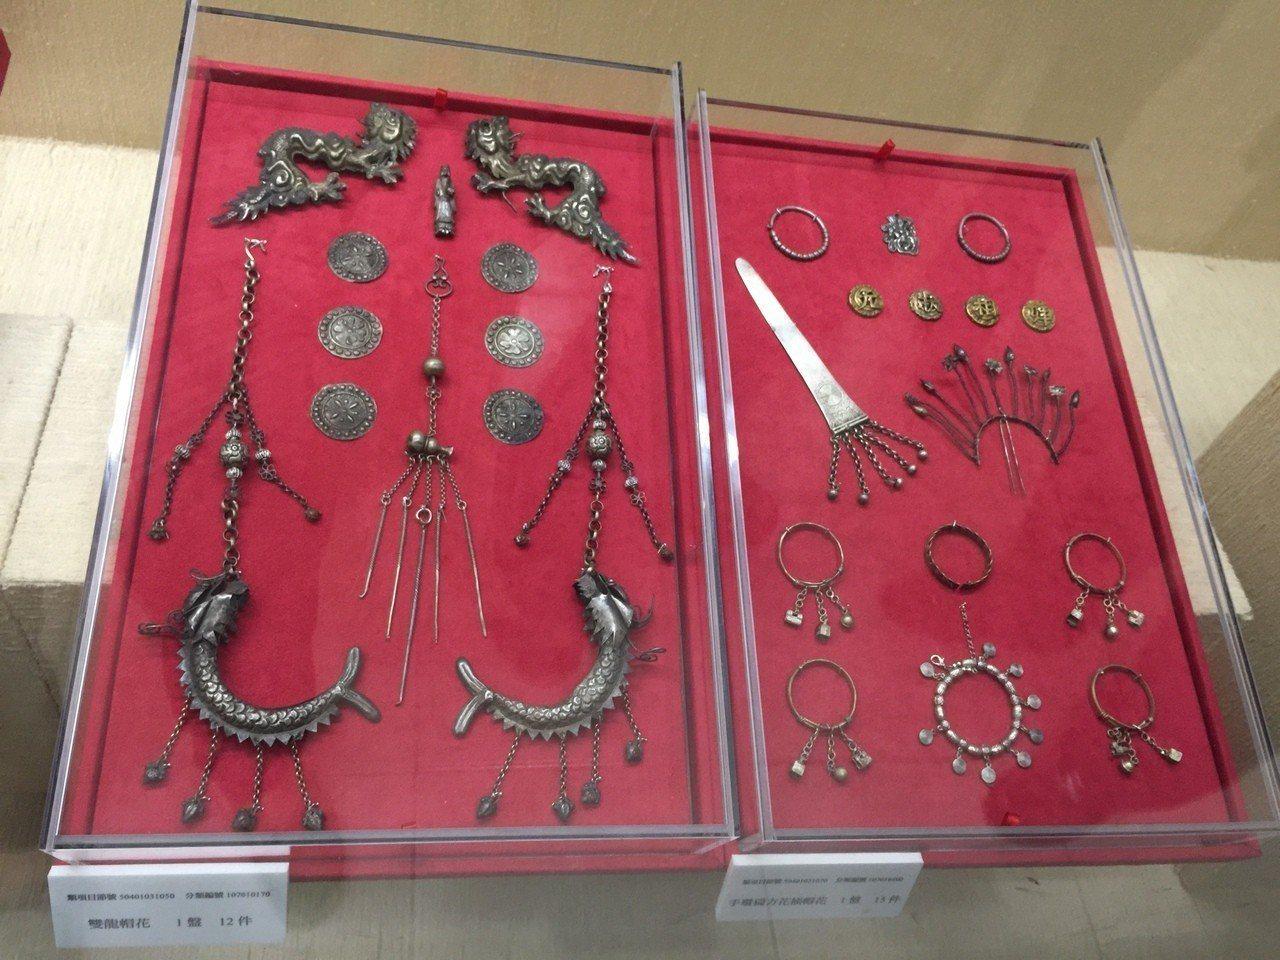 擔任中華文物學會理事長的王水衷昨捐贈金門縣文化局上千件珍貴銀飾,算是台閩一帶保存...